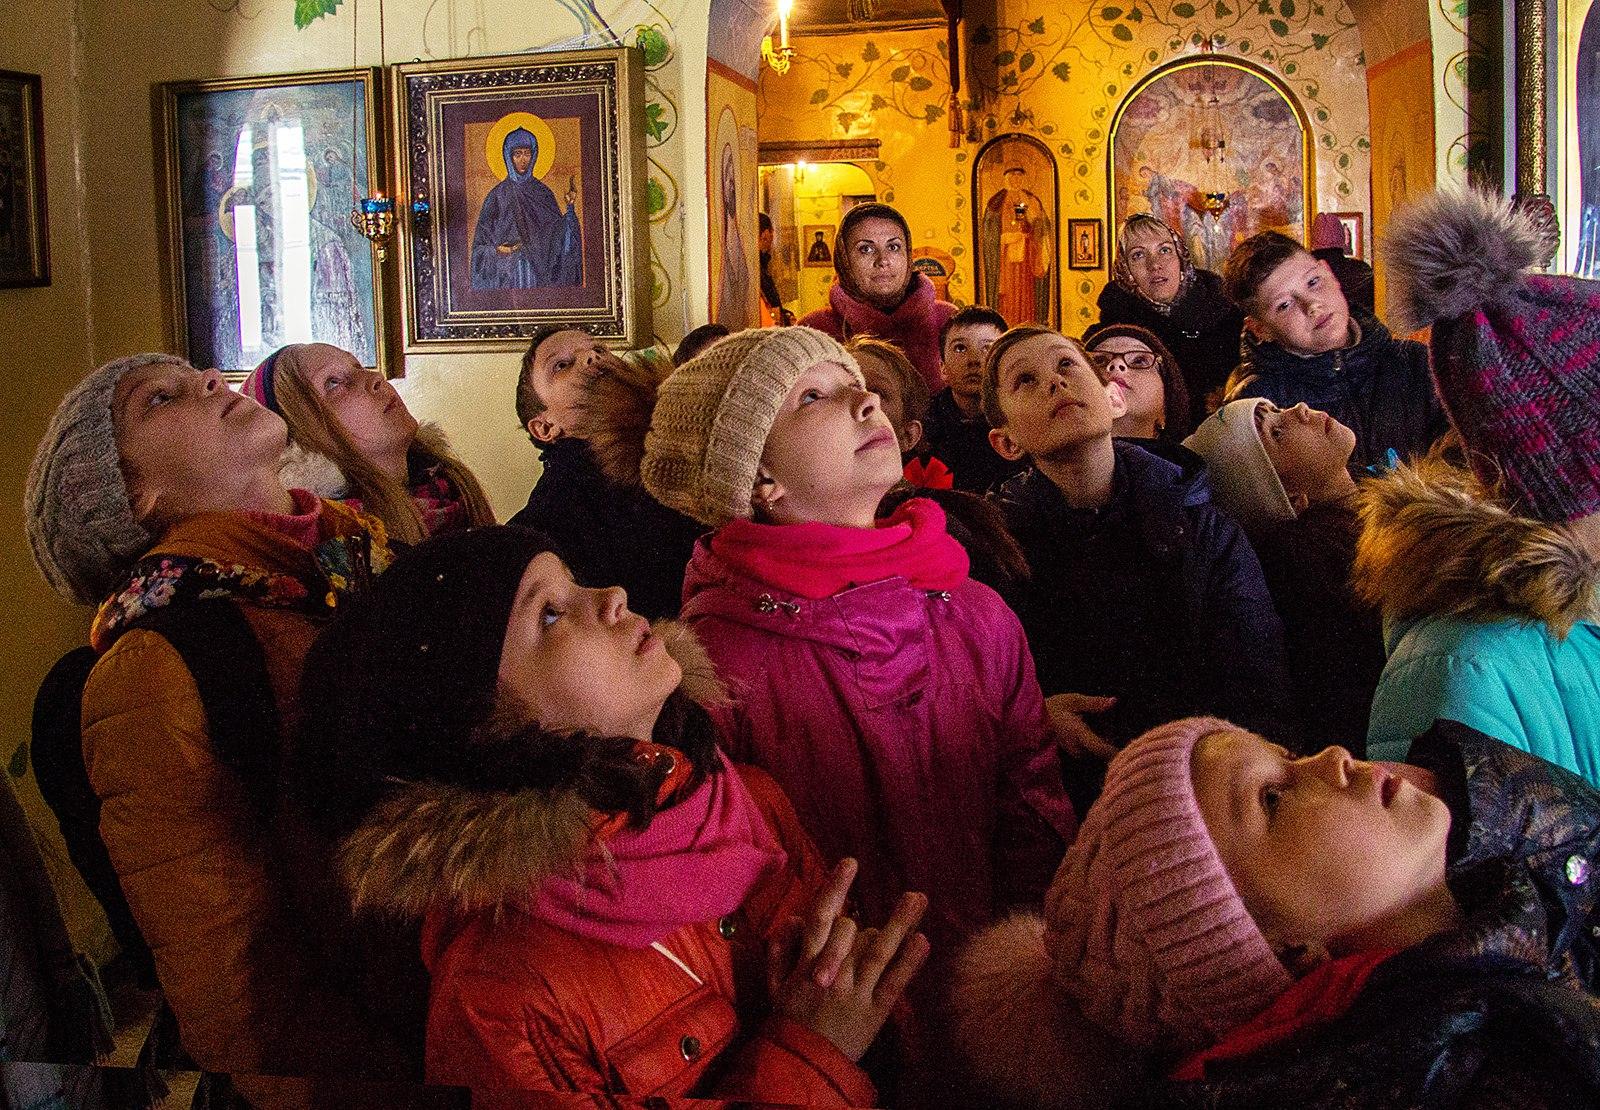 Одигитриевский женский монастырь, экскурсия школьников 22 марта 2018 года Челябинск